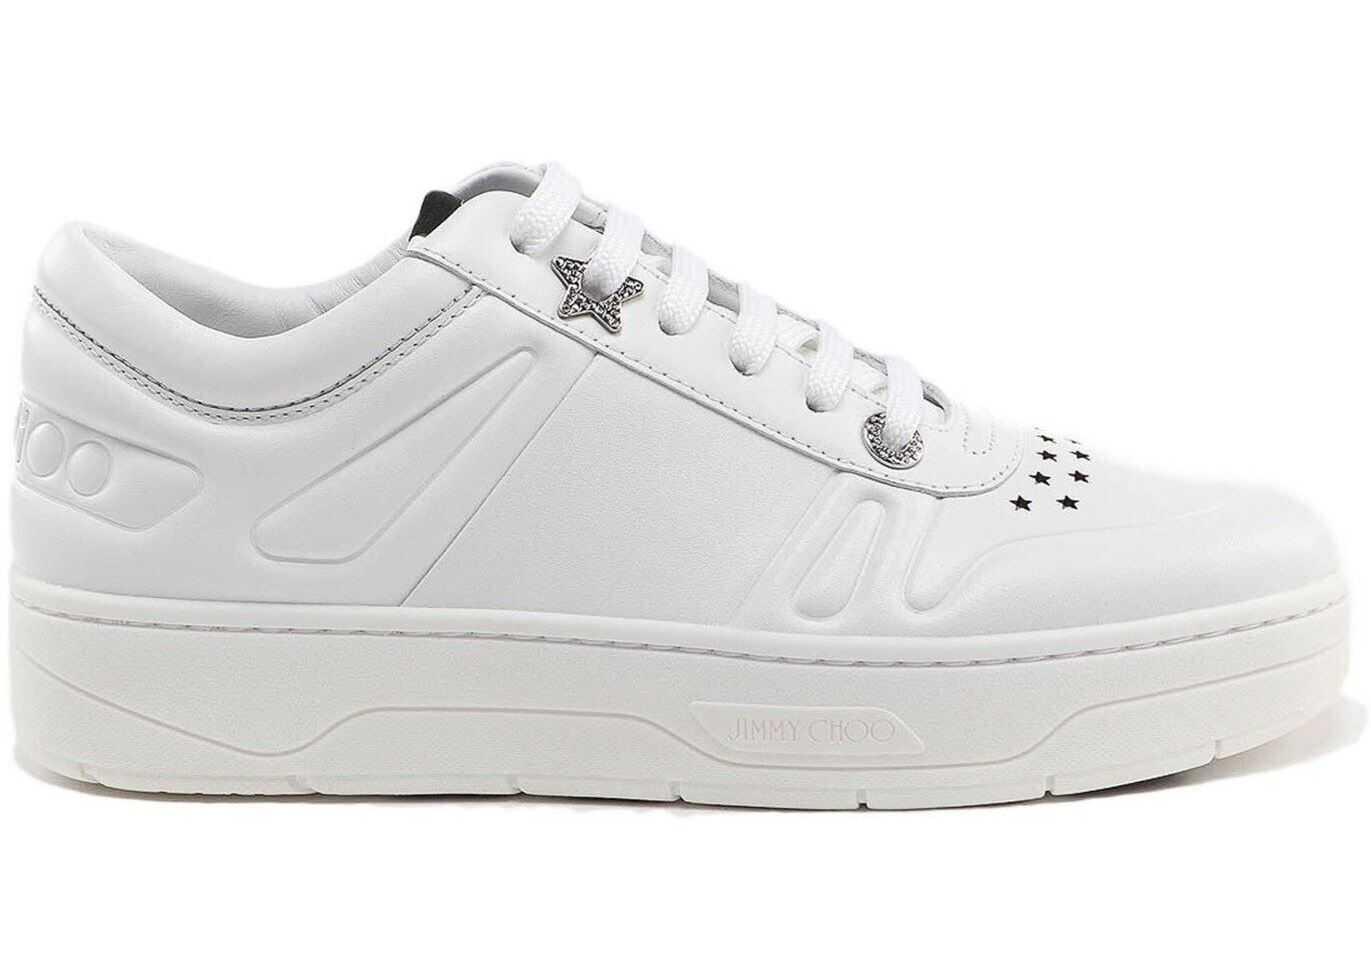 Jimmy Choo Hawaii/F Sneakers White